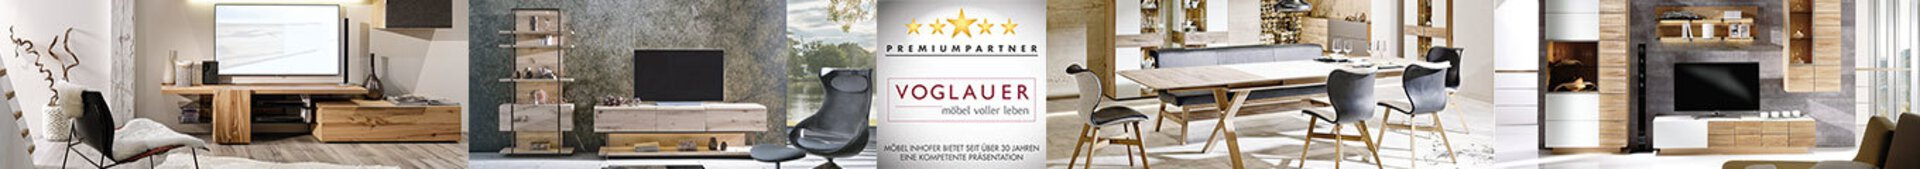 Bannerbild der Premiumpartner-Marke Voglauer